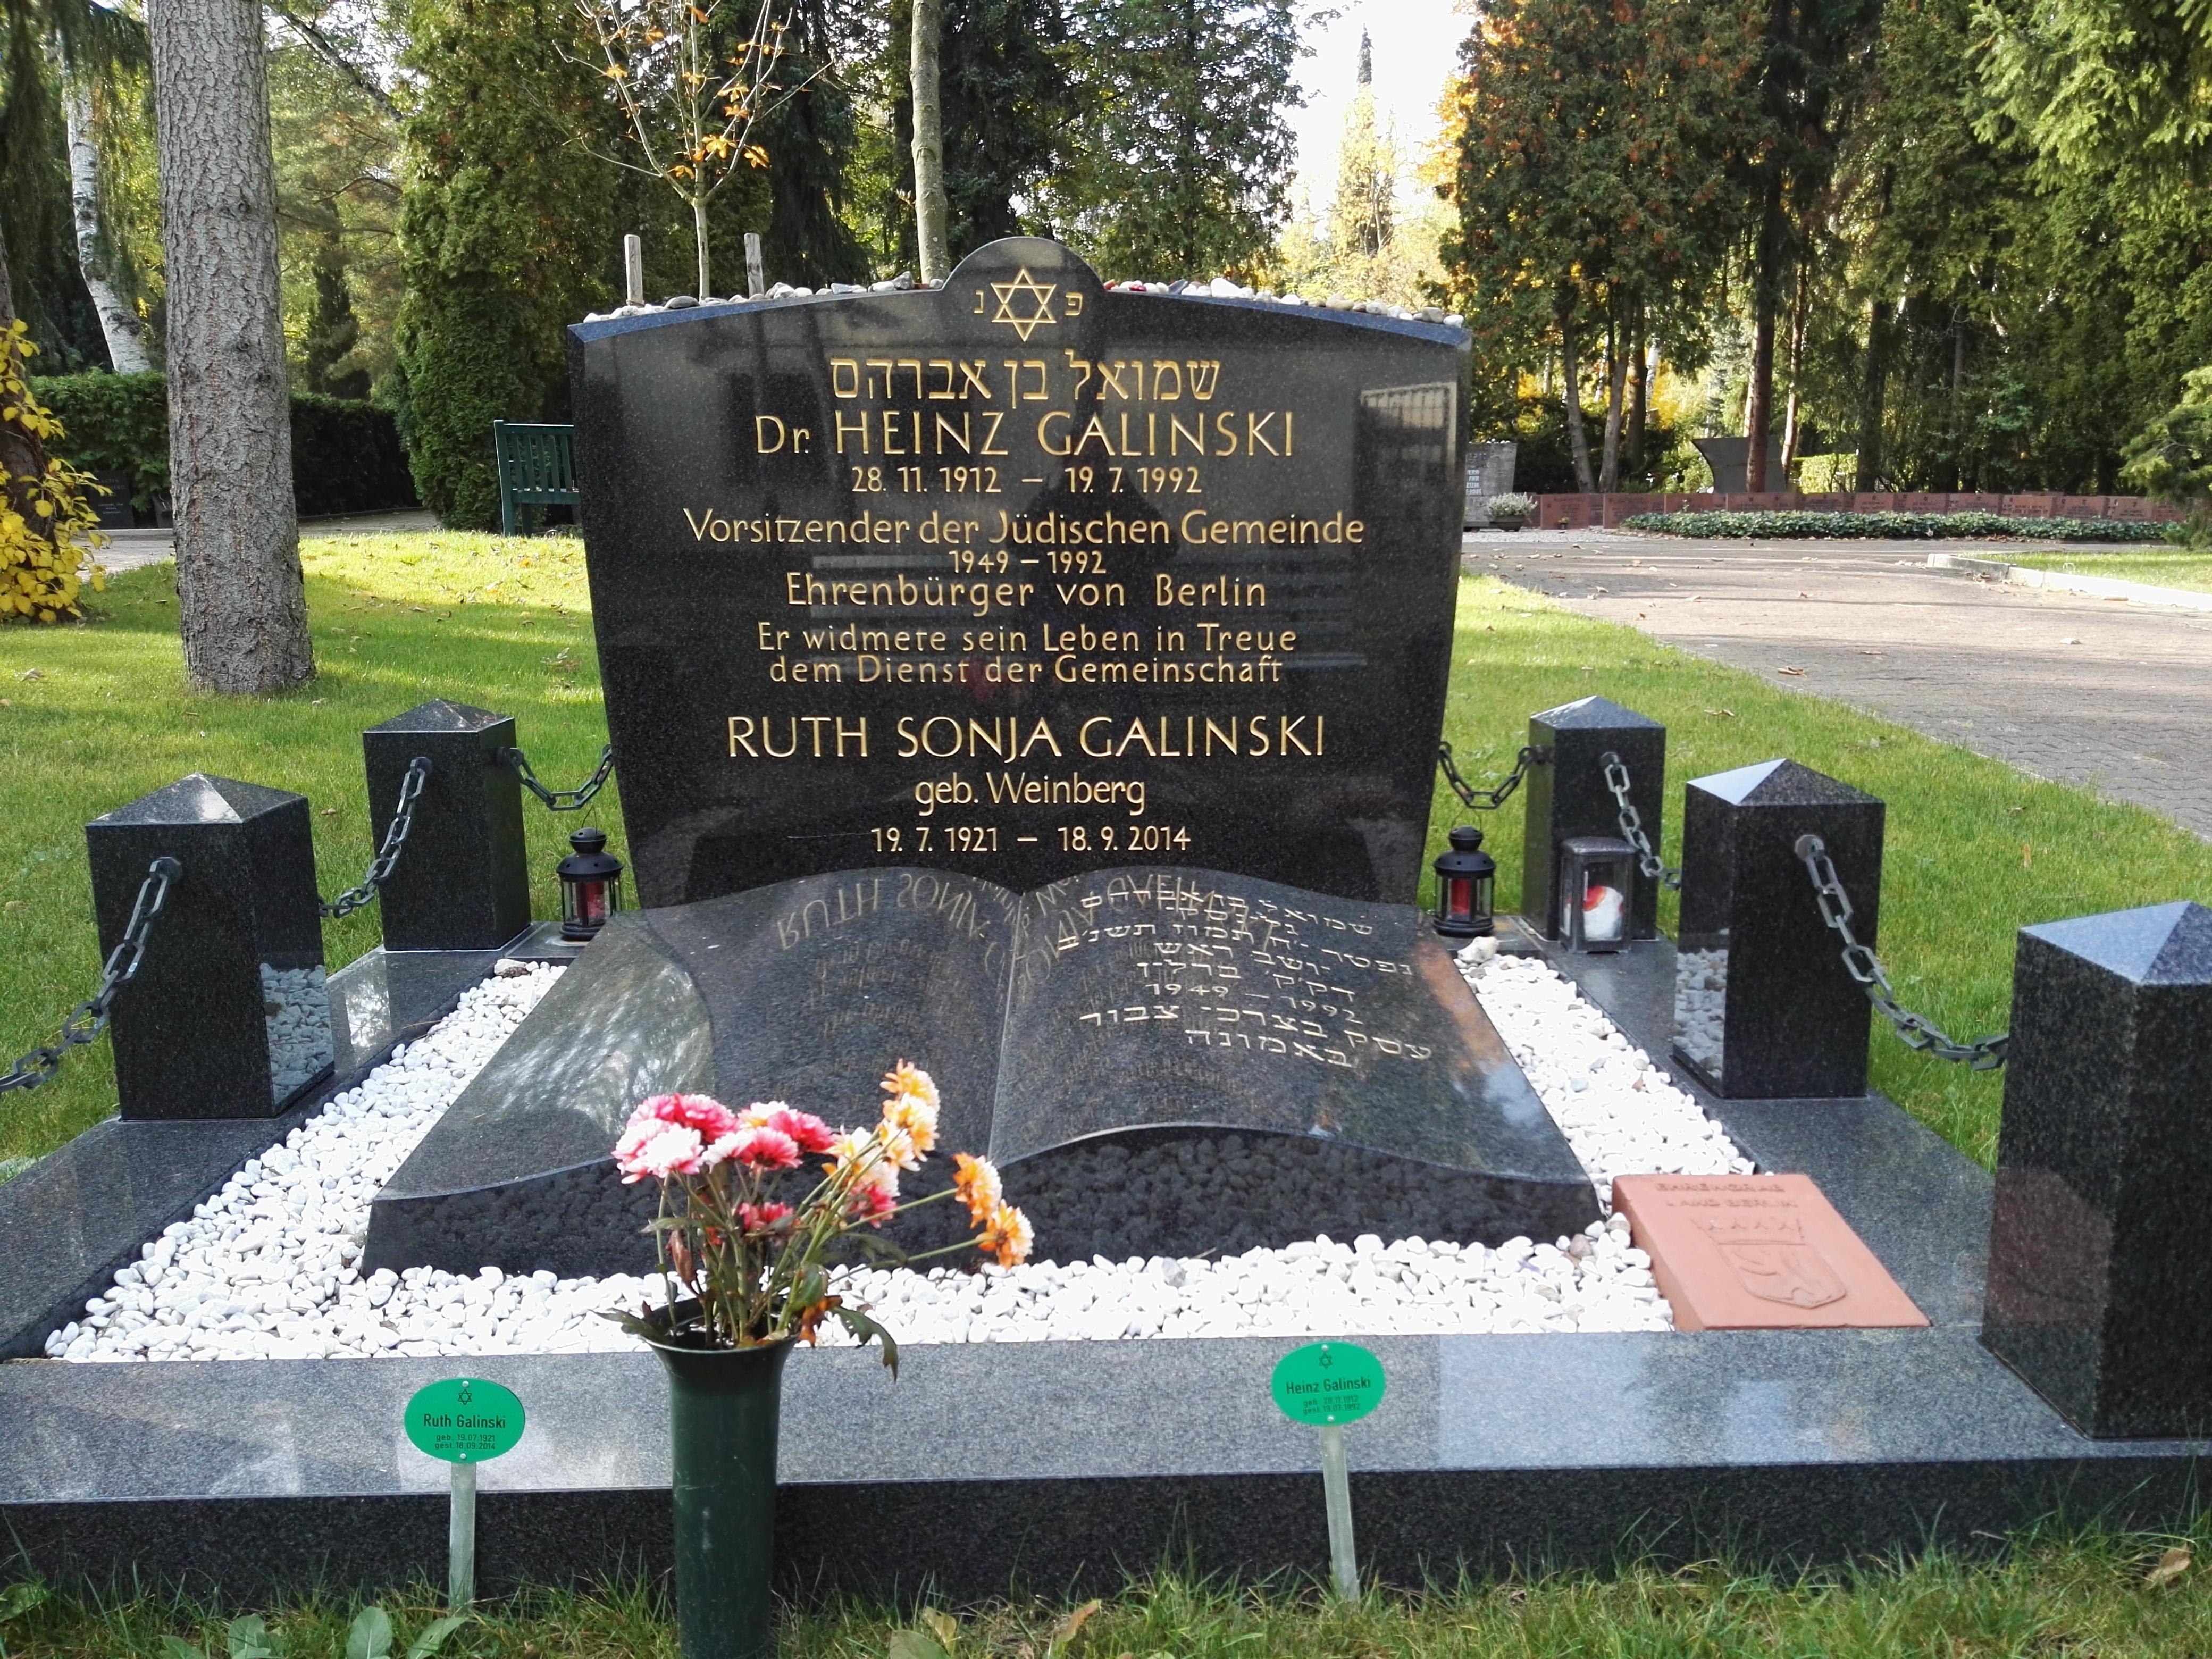 Datei:Jüdischer Friedhof Heerstraße Berlin Okt.2016 - 5